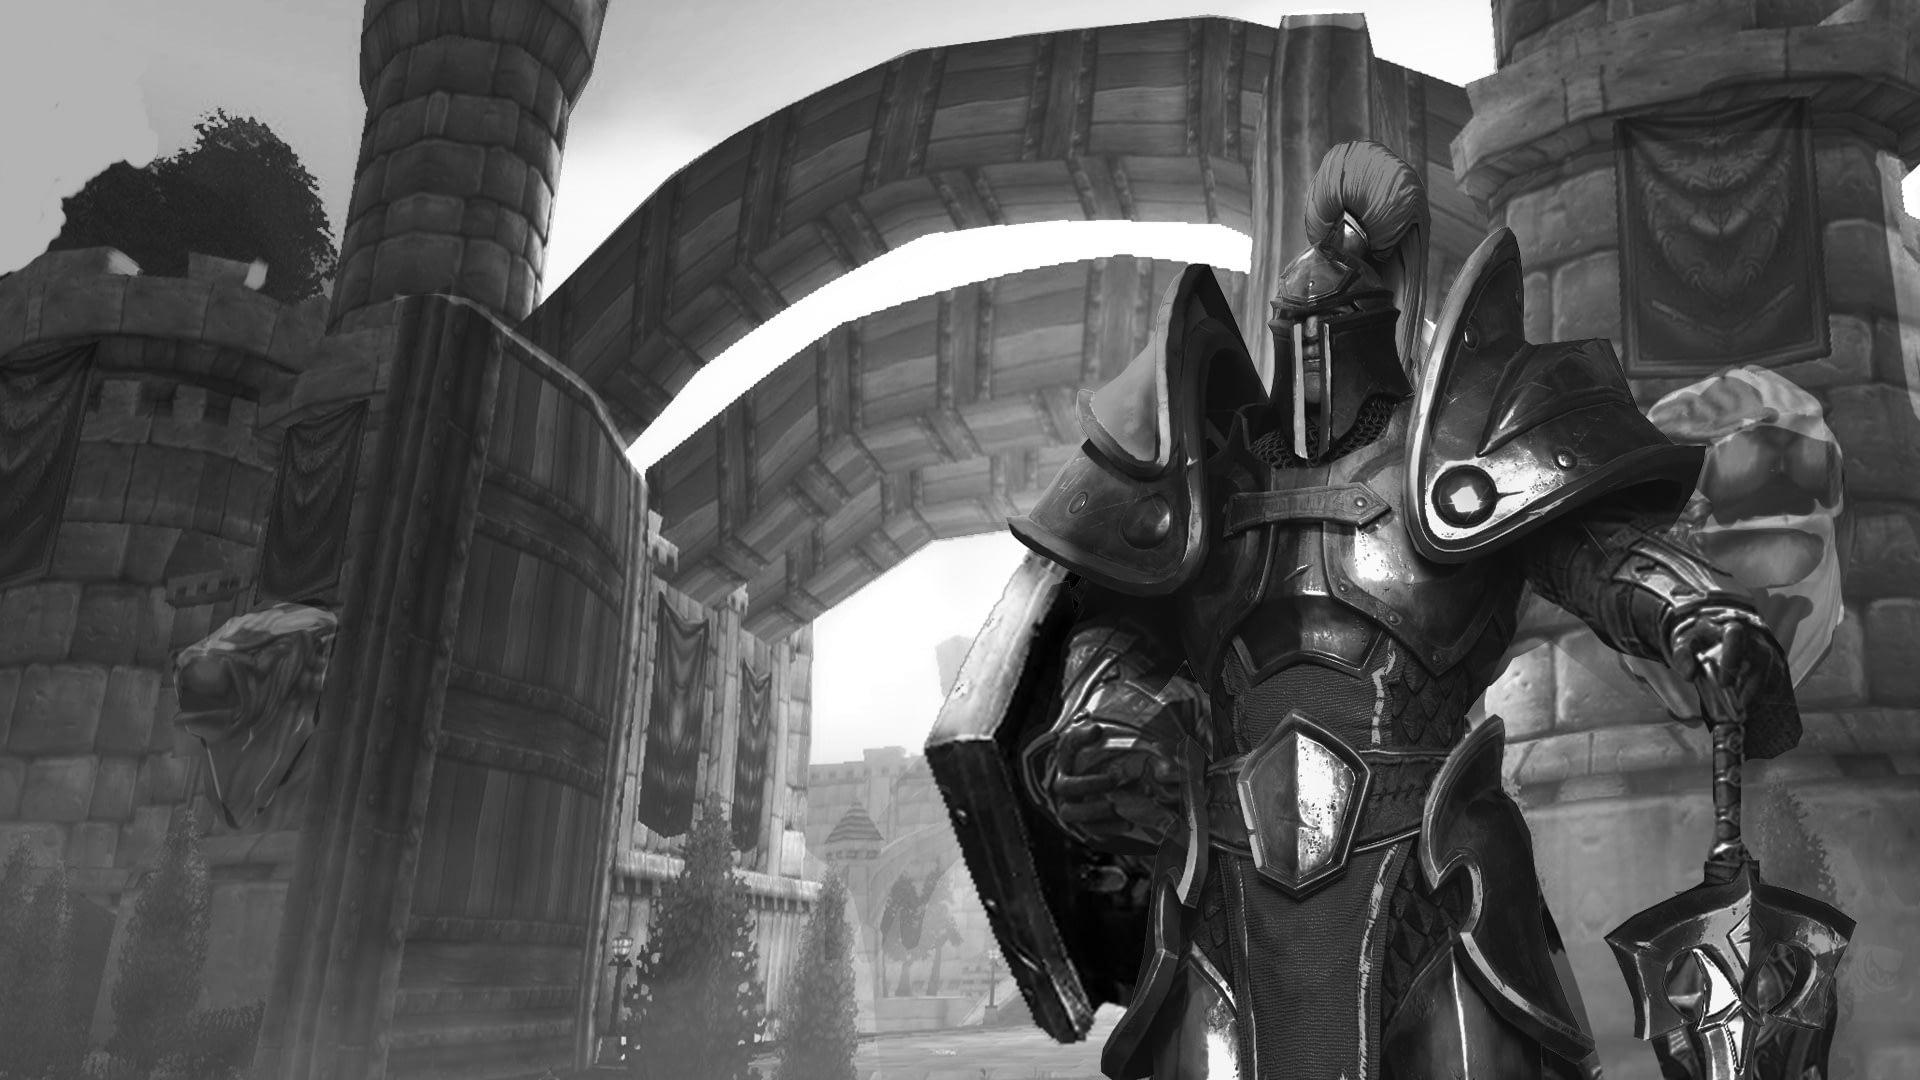 Утечка: обои, меню, интерфейс и иконки Warcraft III: Reforged 8